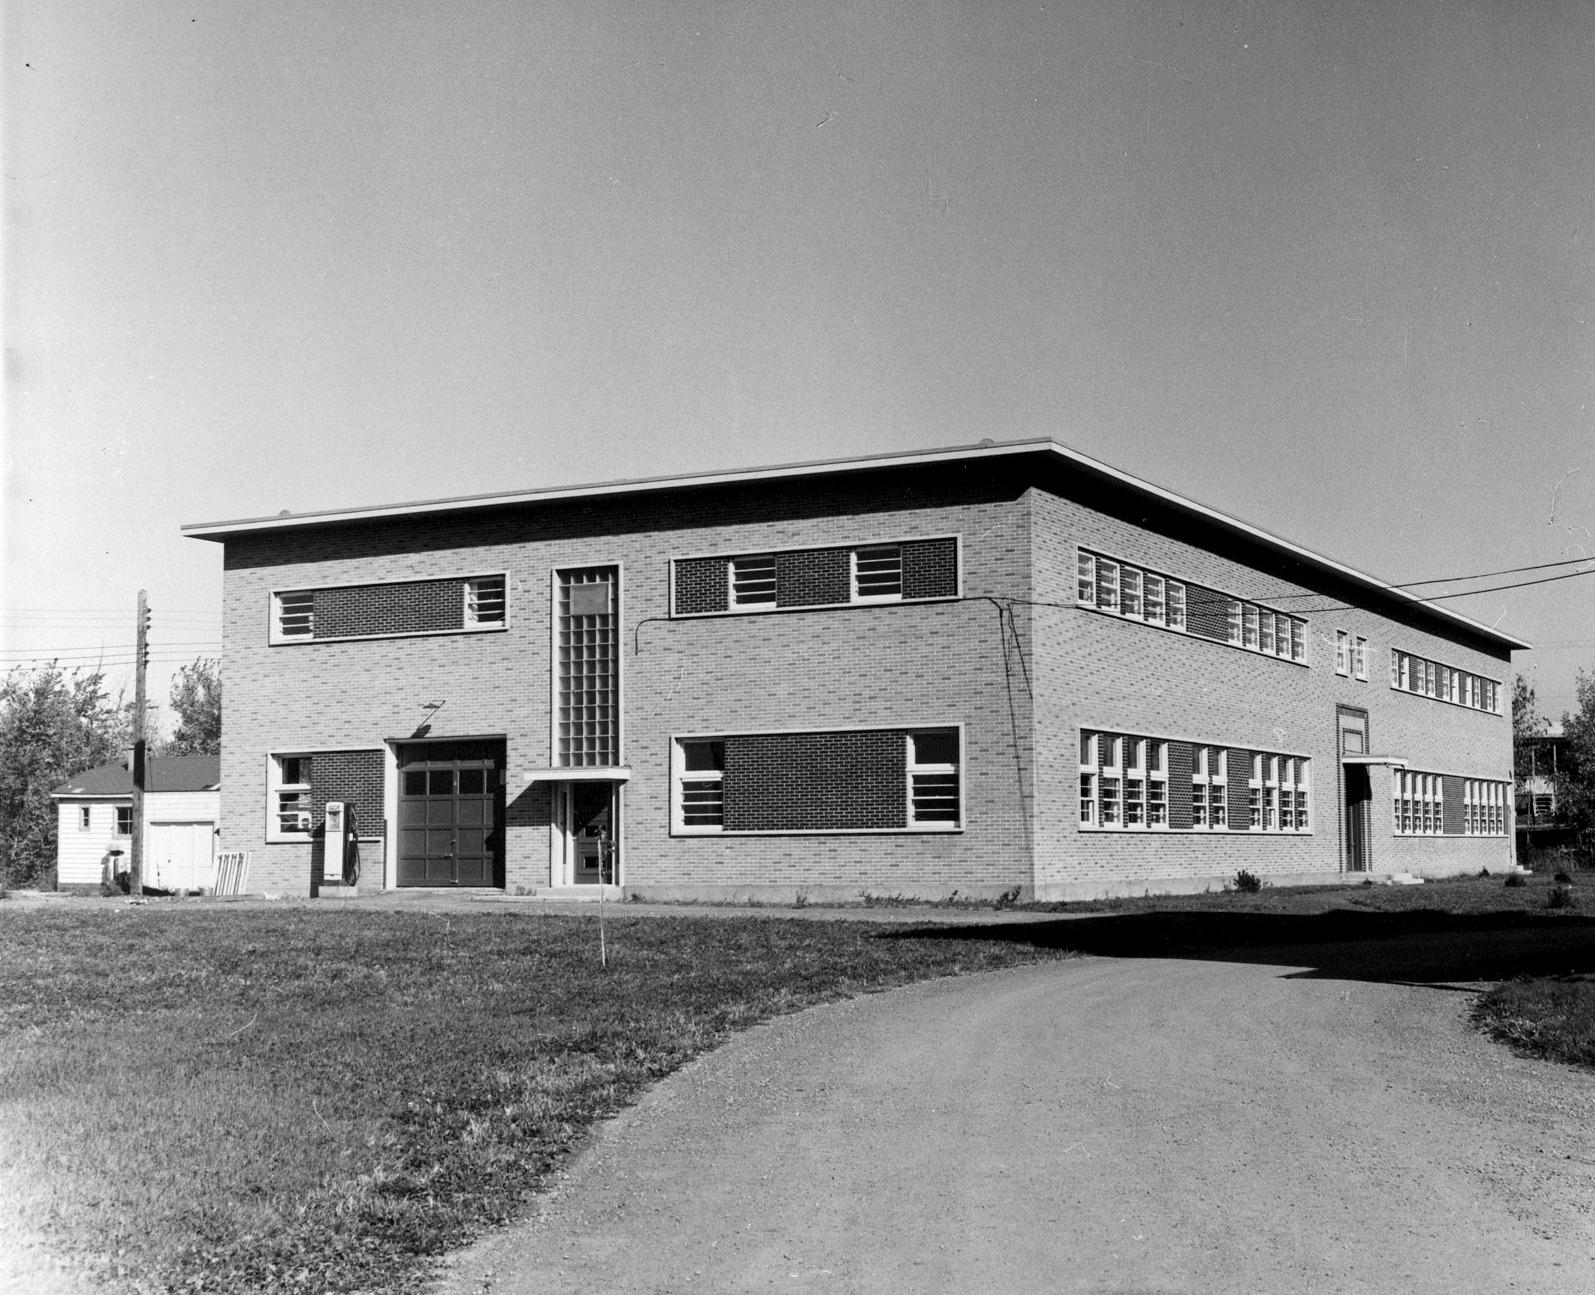 Image campus vintage